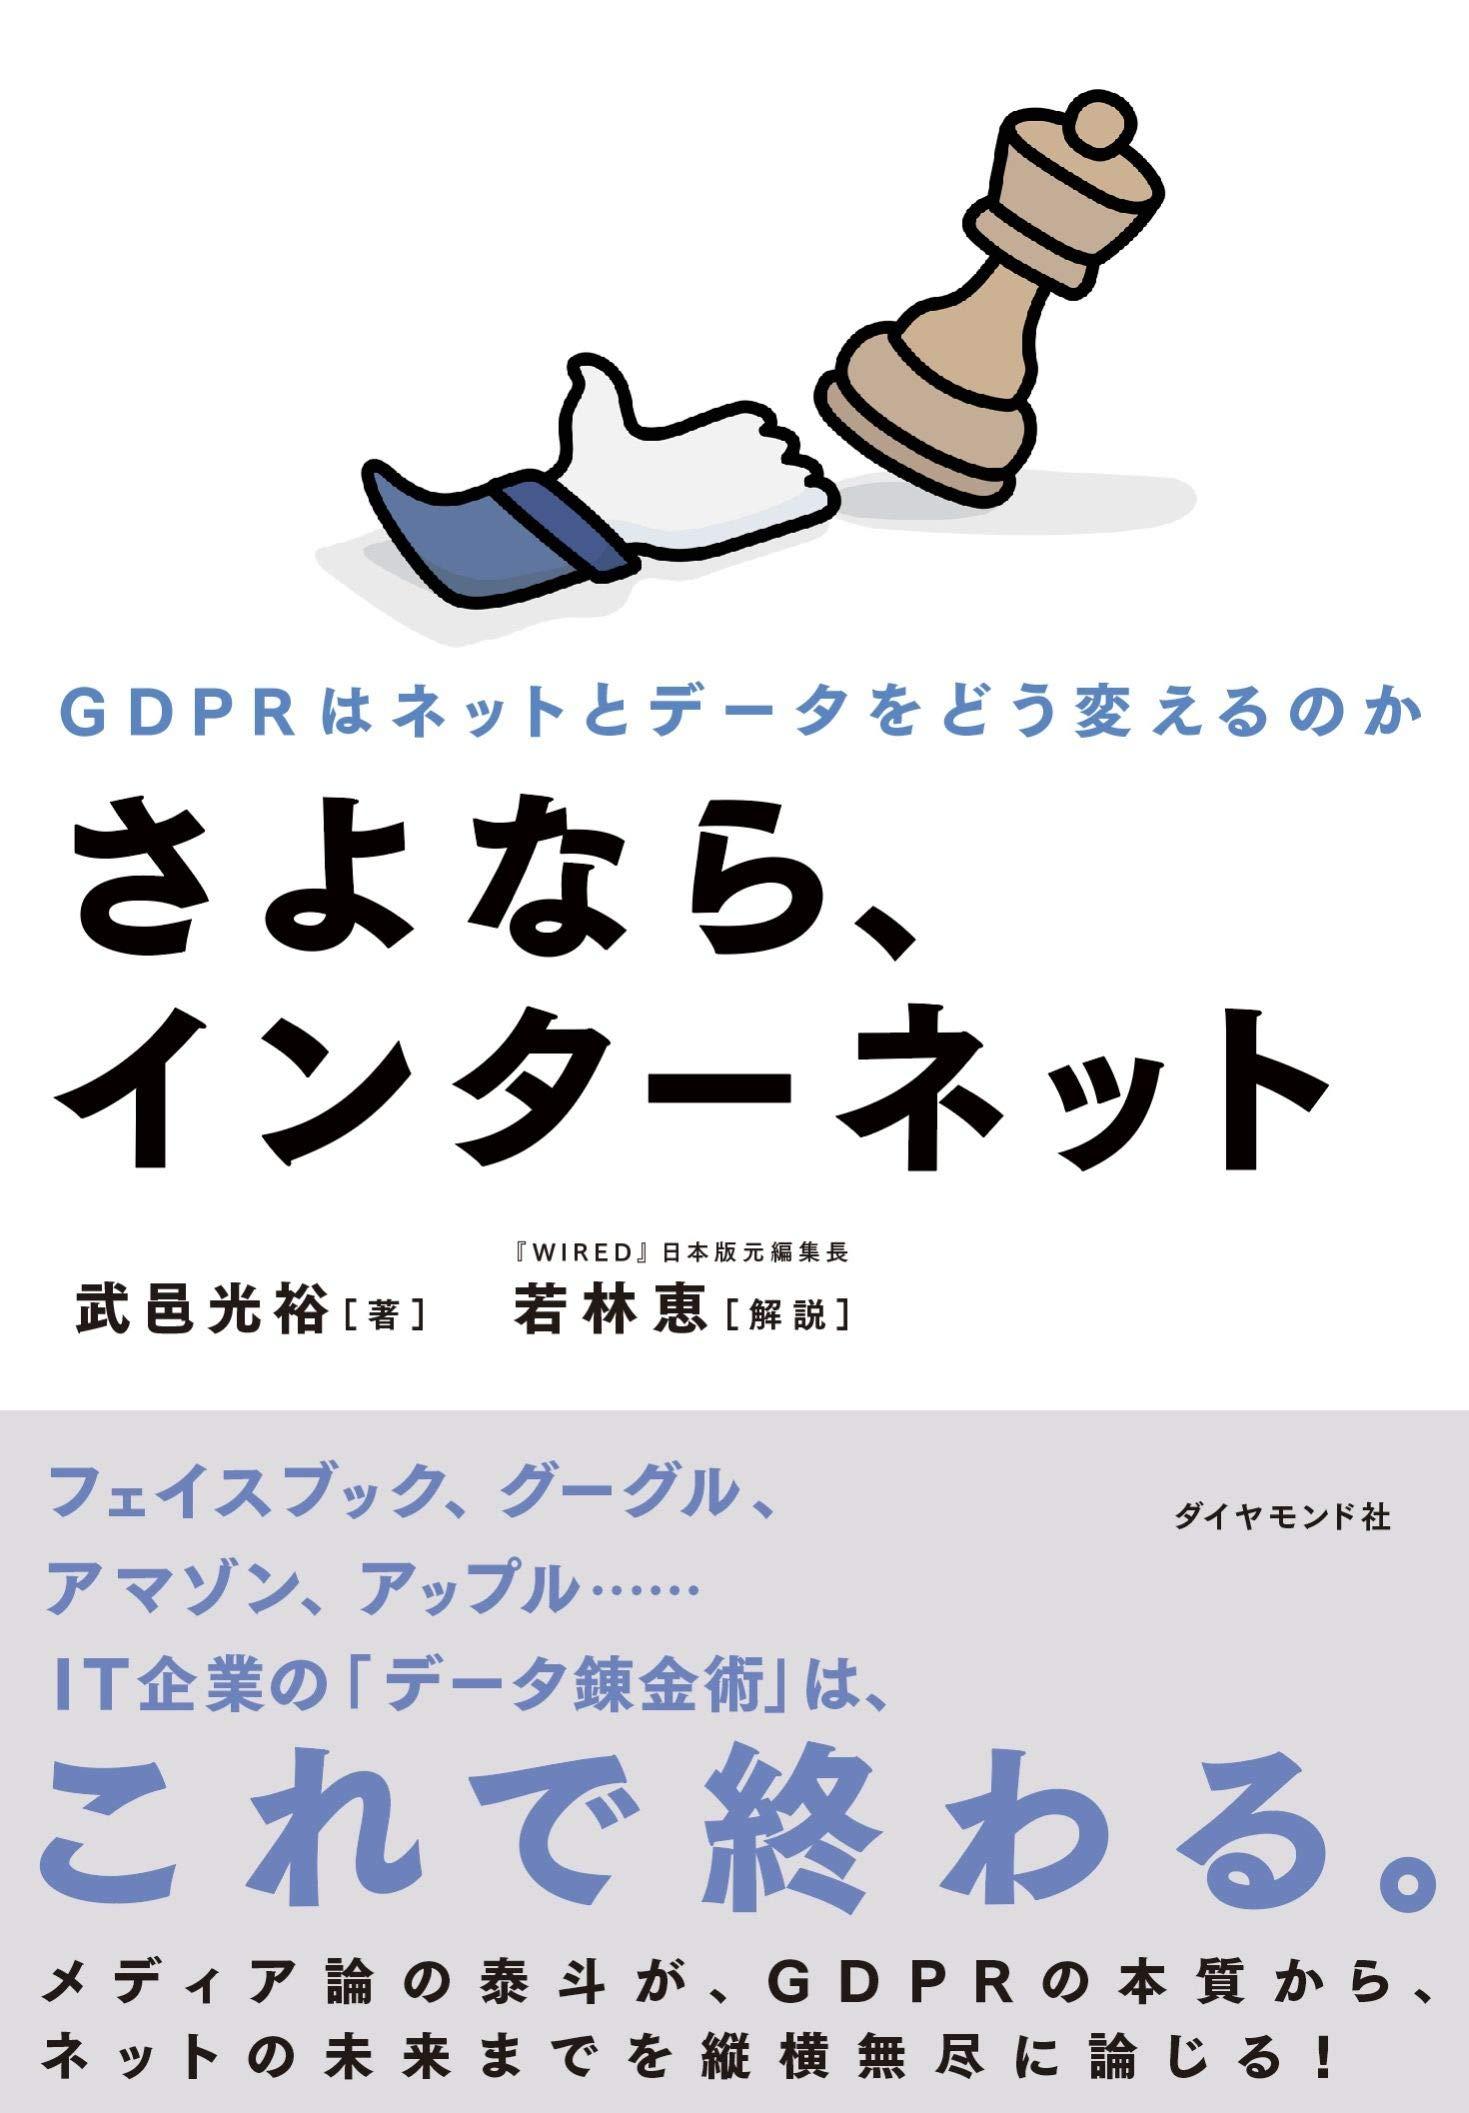 武邑光裕(2018)『さよなら、インターネット GDPRはネットとデータをどう変えるのか』若林恵解説, ダイヤモンド社